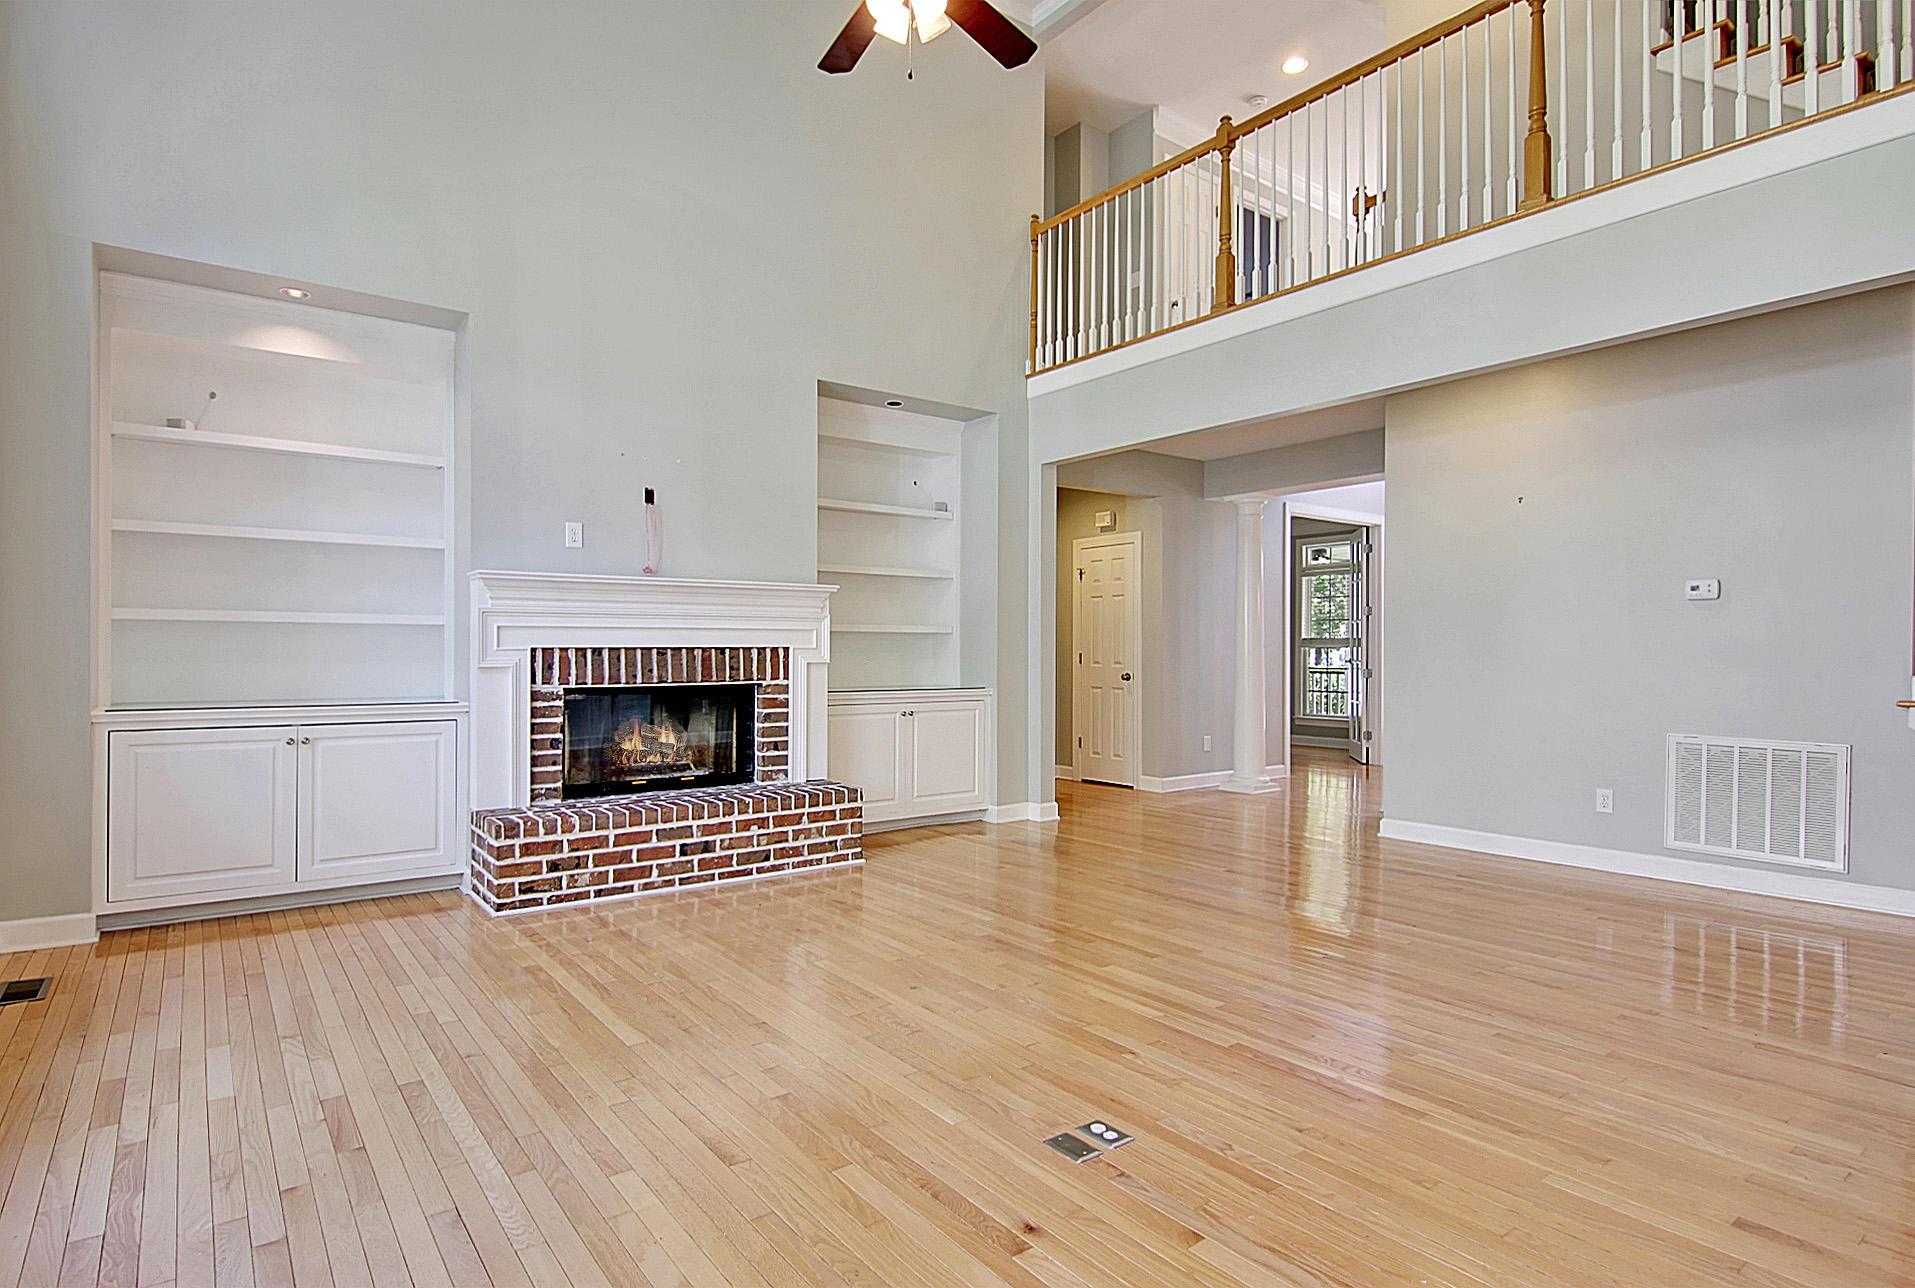 Dunes West Homes For Sale - 2236 Black Oak, Mount Pleasant, SC - 59